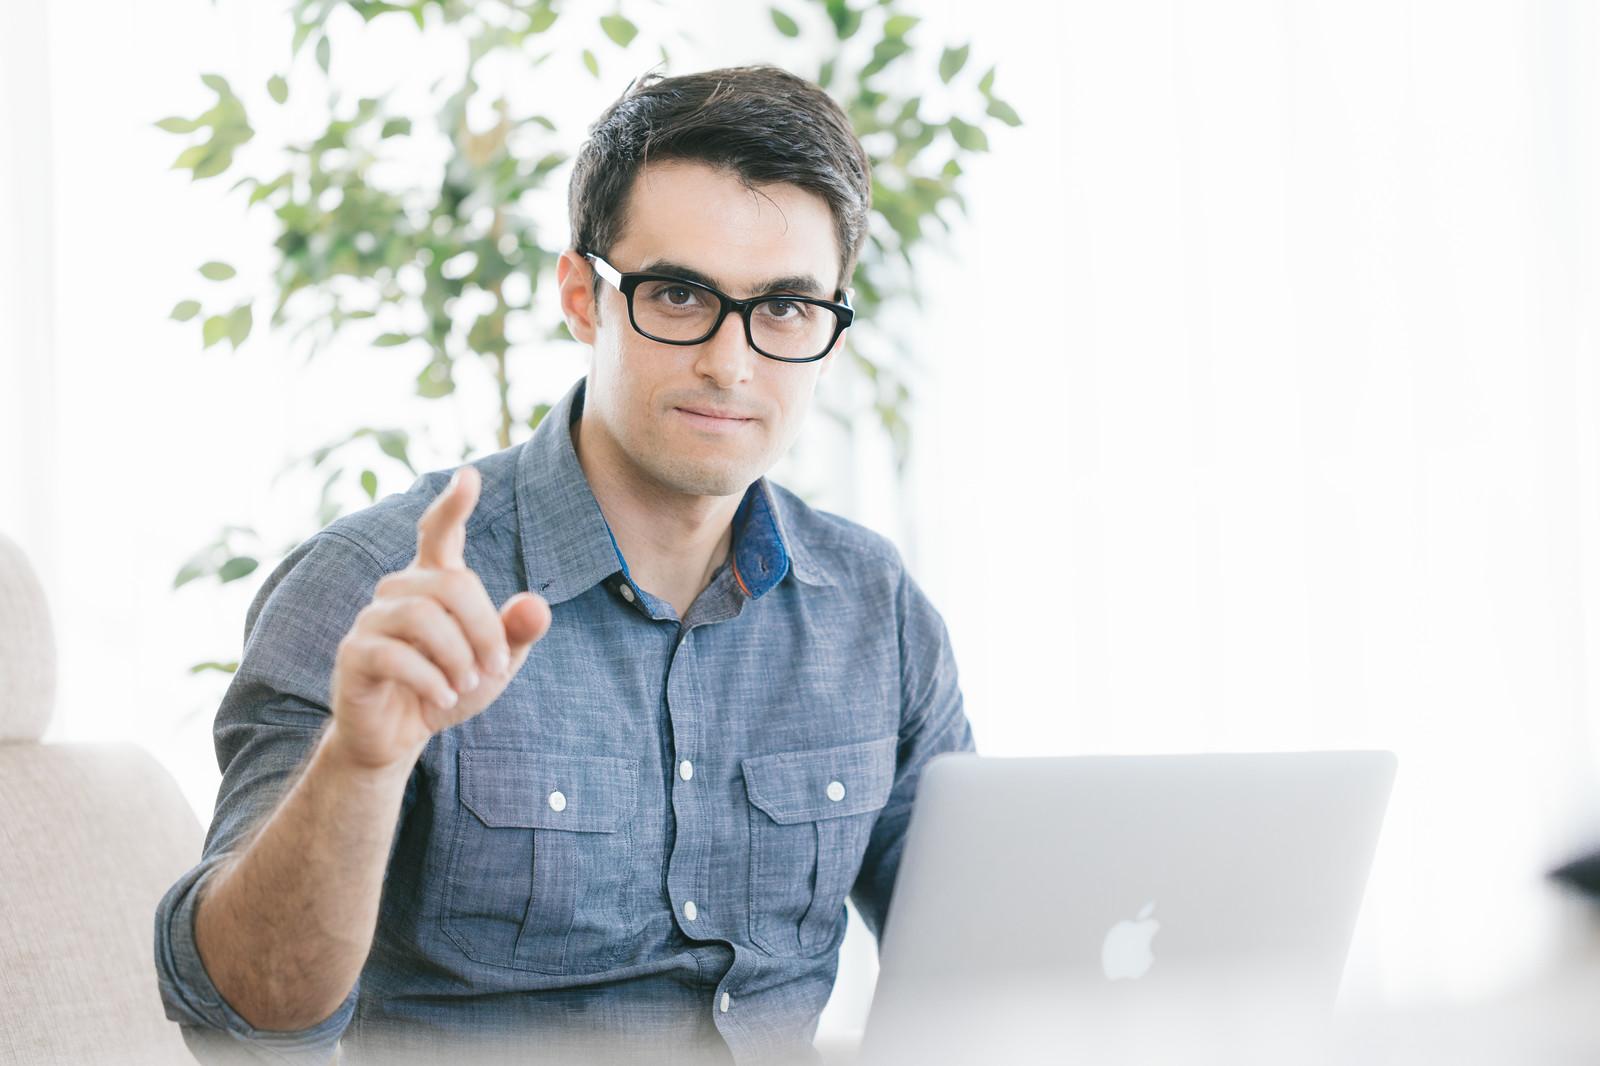 未経験からプログラマーになる人の志望動機書き方